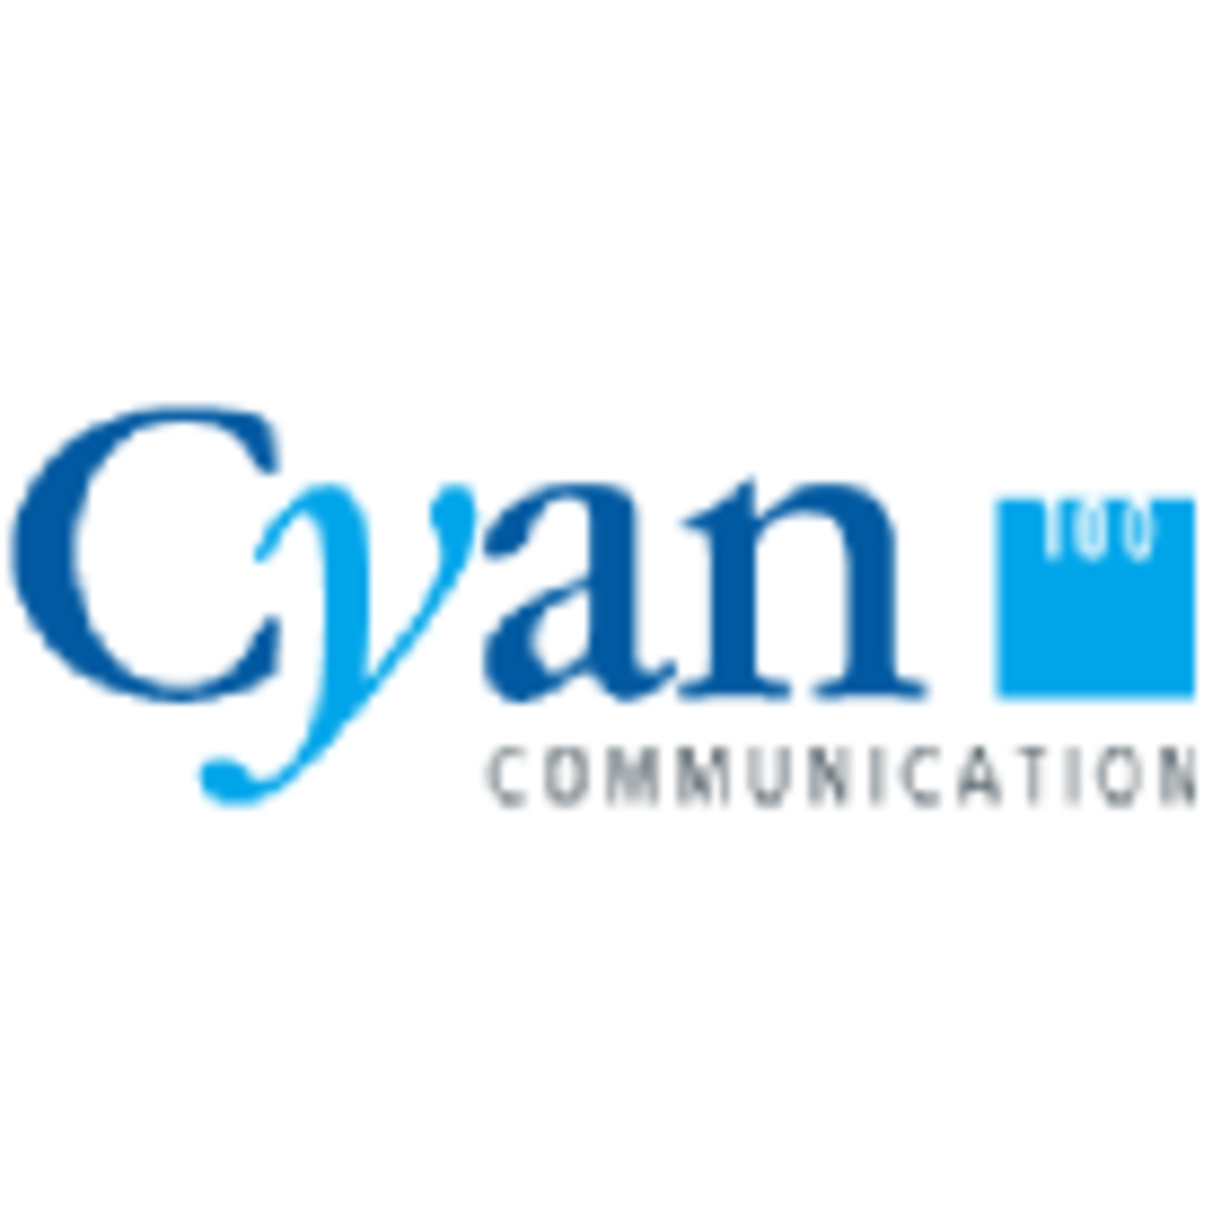 cyan communication